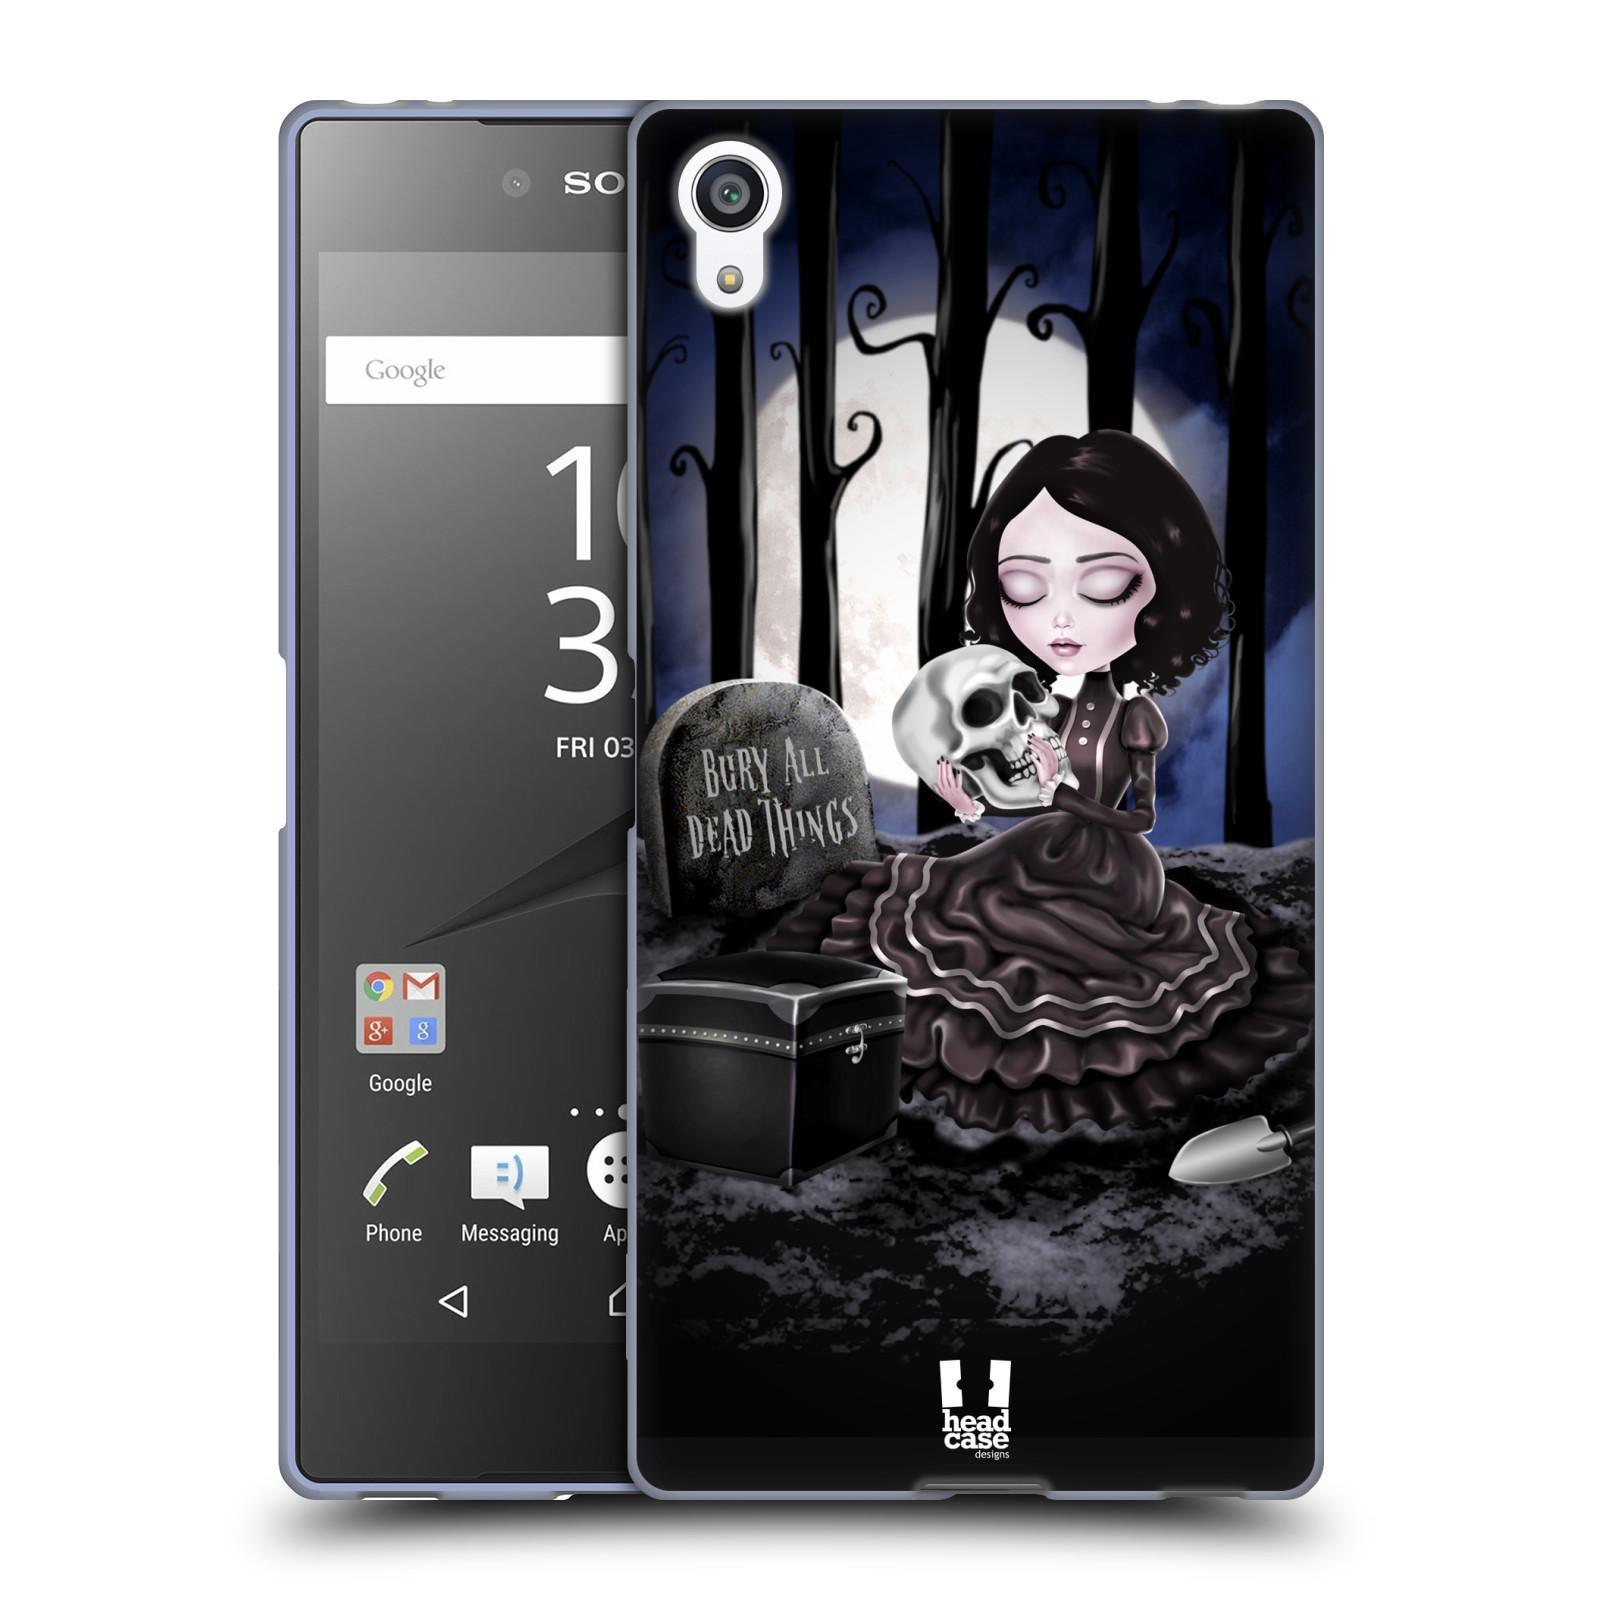 Silikonové pouzdro na mobil Sony Xperia Z5 Premium HEAD CASE MACABRE HŘBITOV